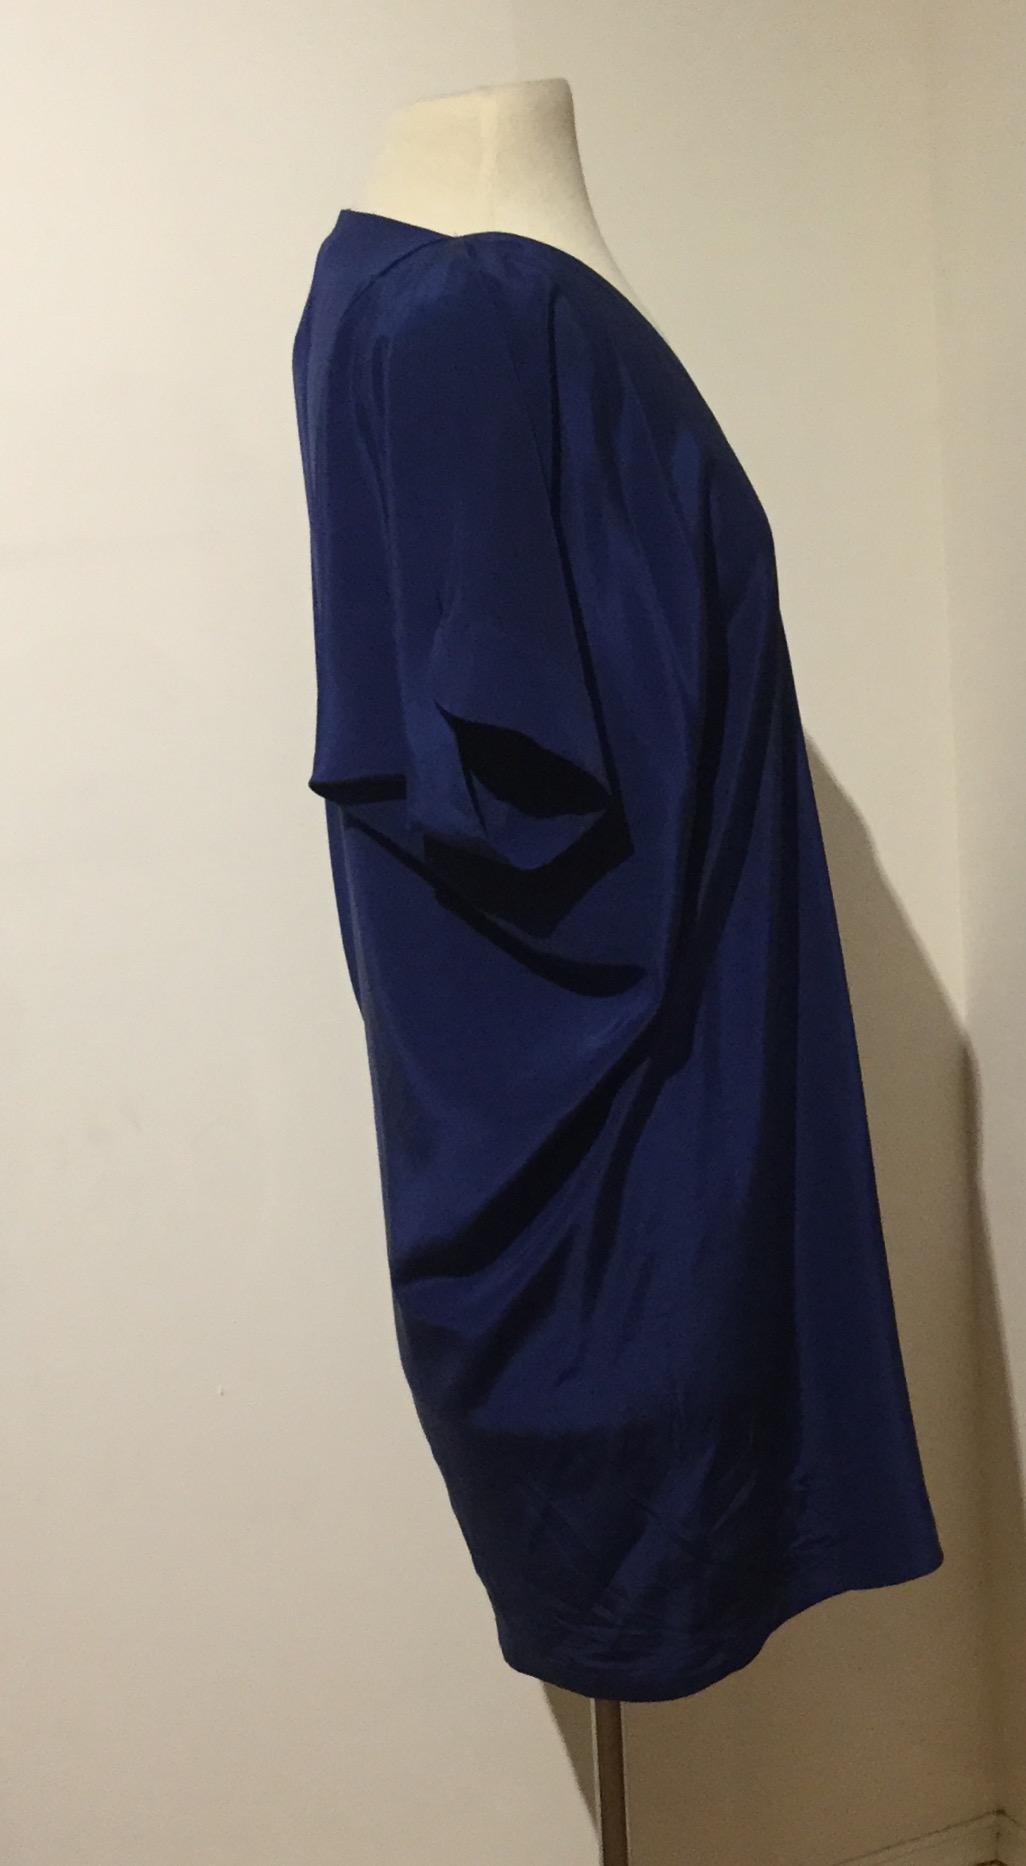 Vince-Size-XS-Dress_49394B.jpg